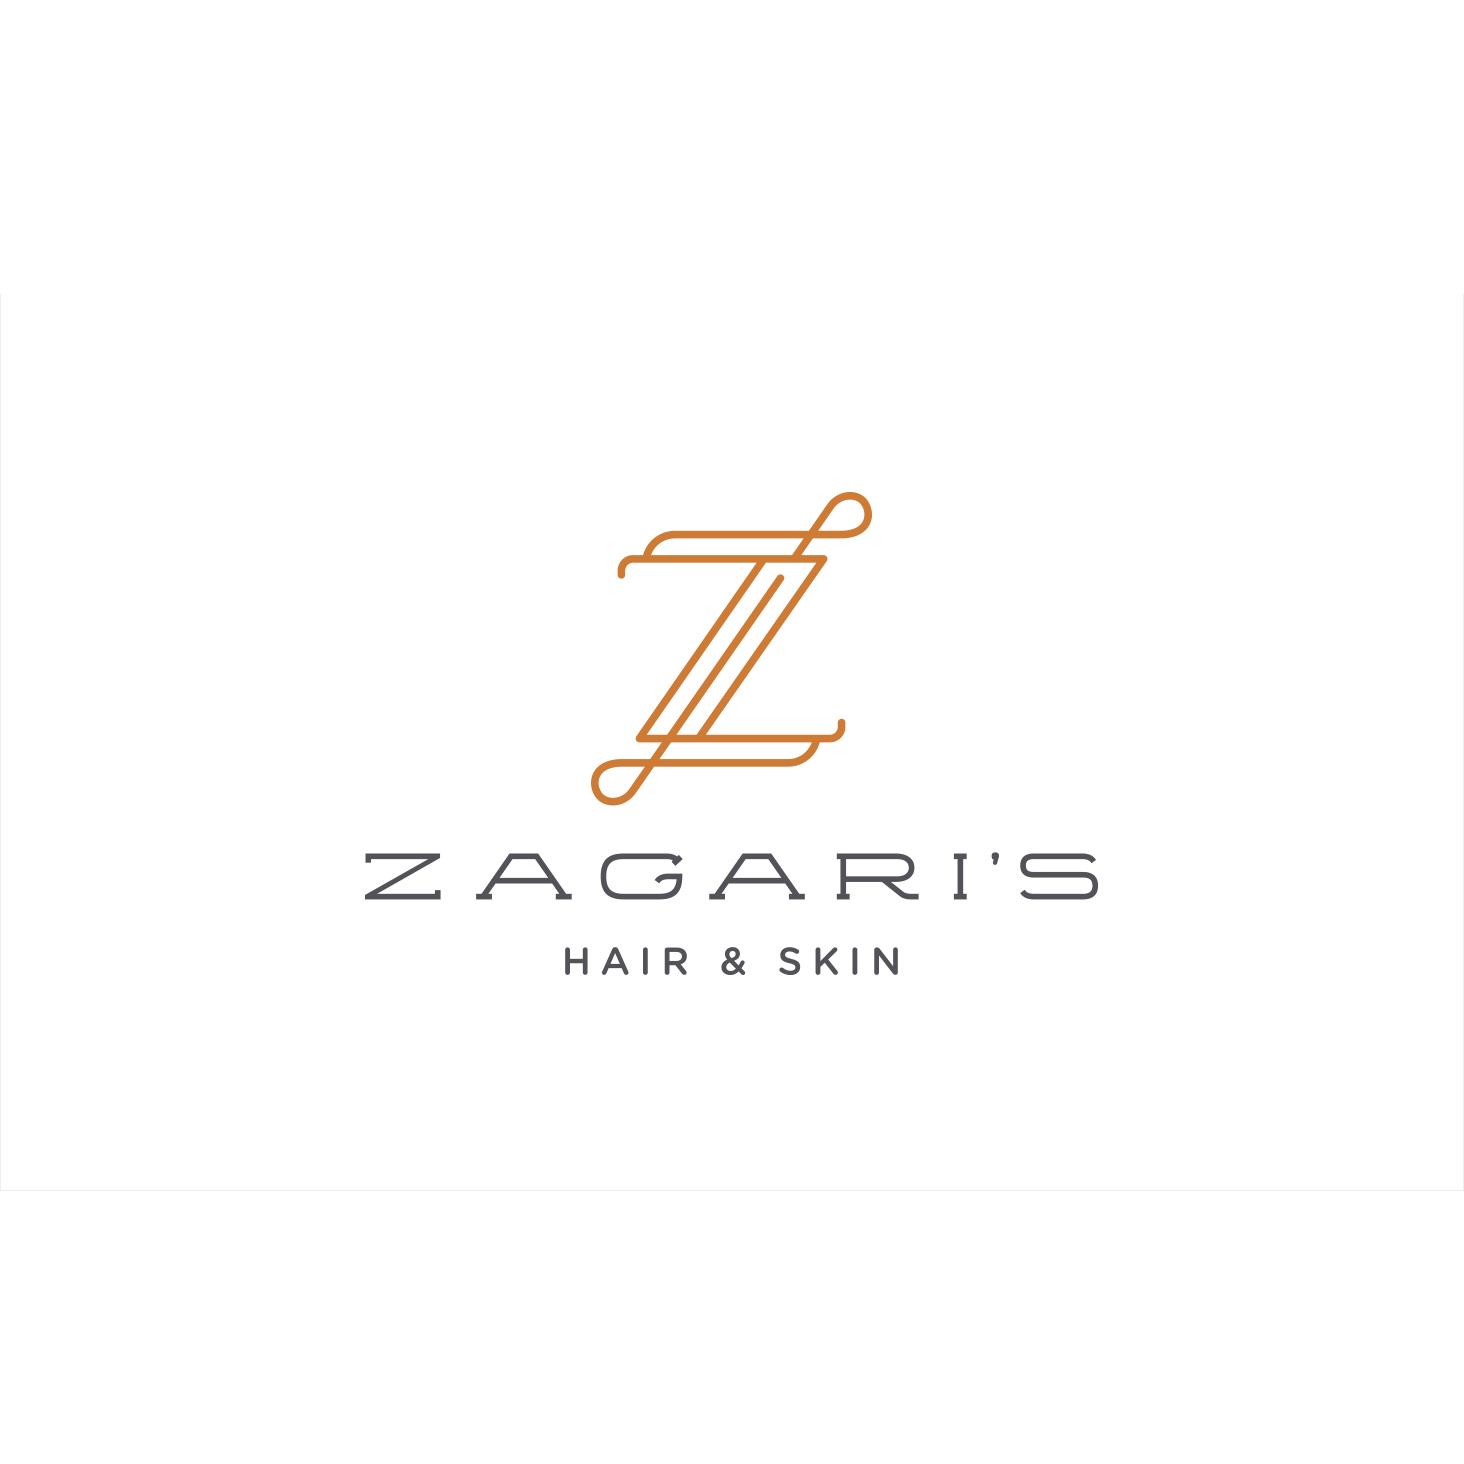 Zagari's Hair Salon Logo